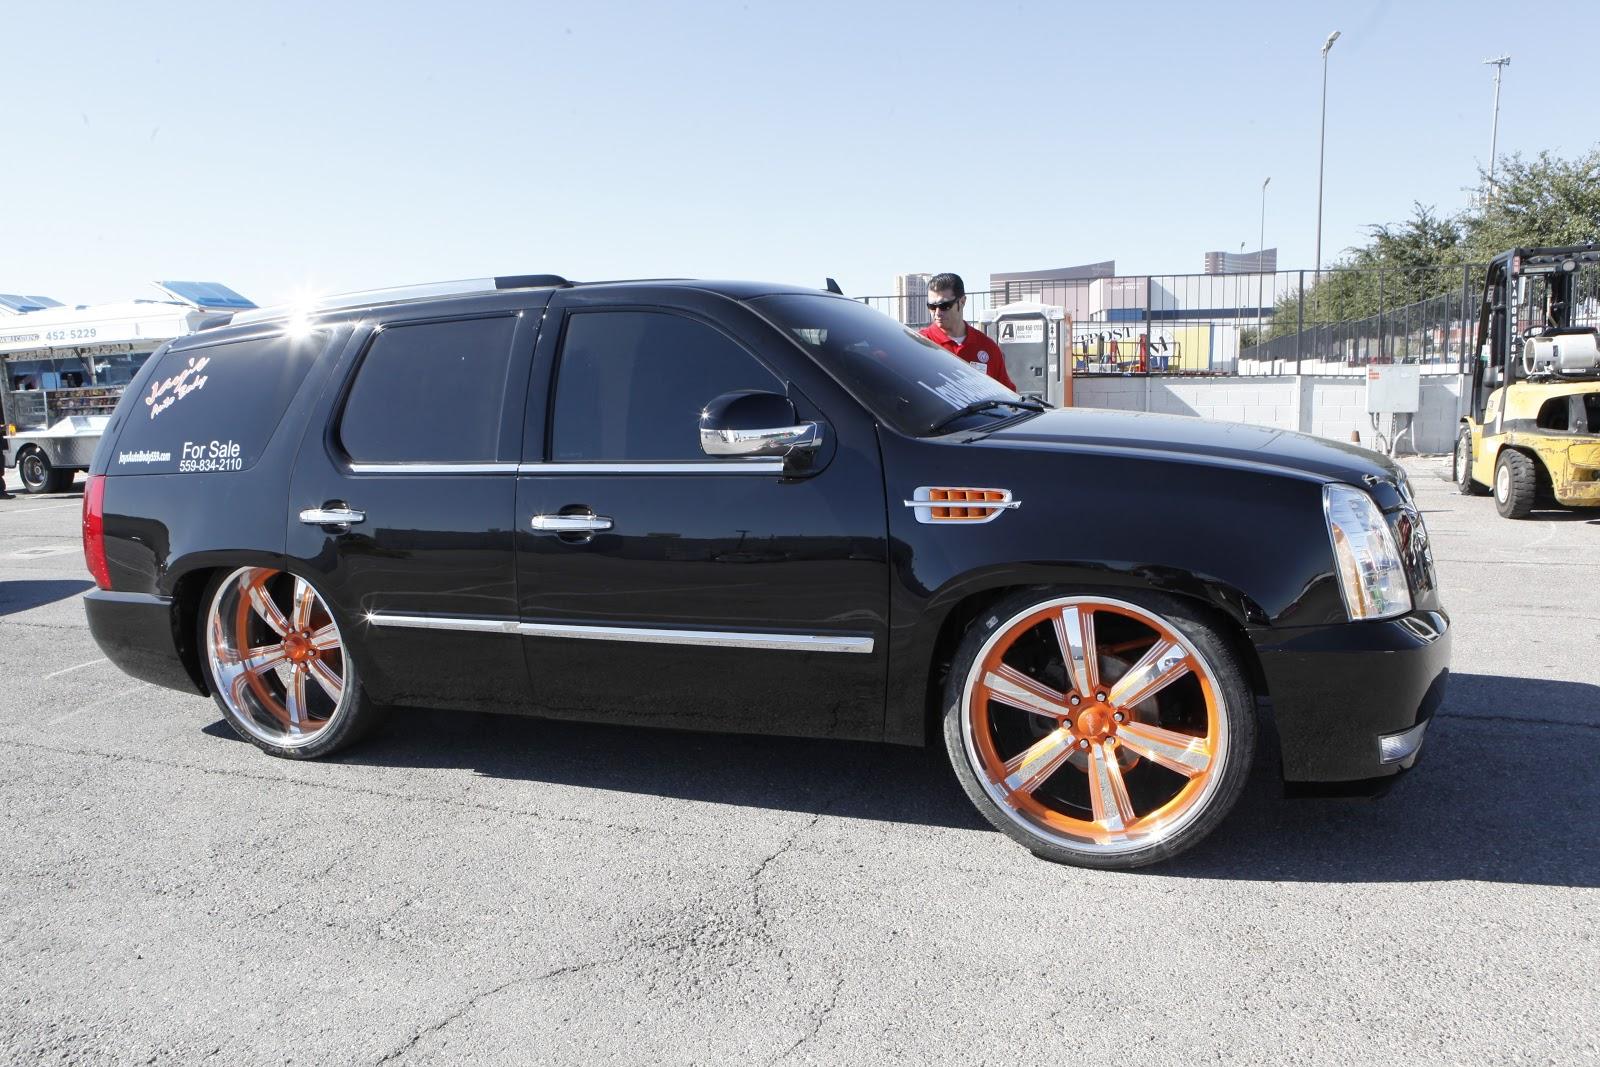 http://4.bp.blogspot.com/-s2IAb3g80OQ/UNnV6wqkv-I/AAAAAAAAASE/mKYoSZAYB3w/s1600/Cadillac+Escalade+2013+Hybrid+Wallpapers.jpg